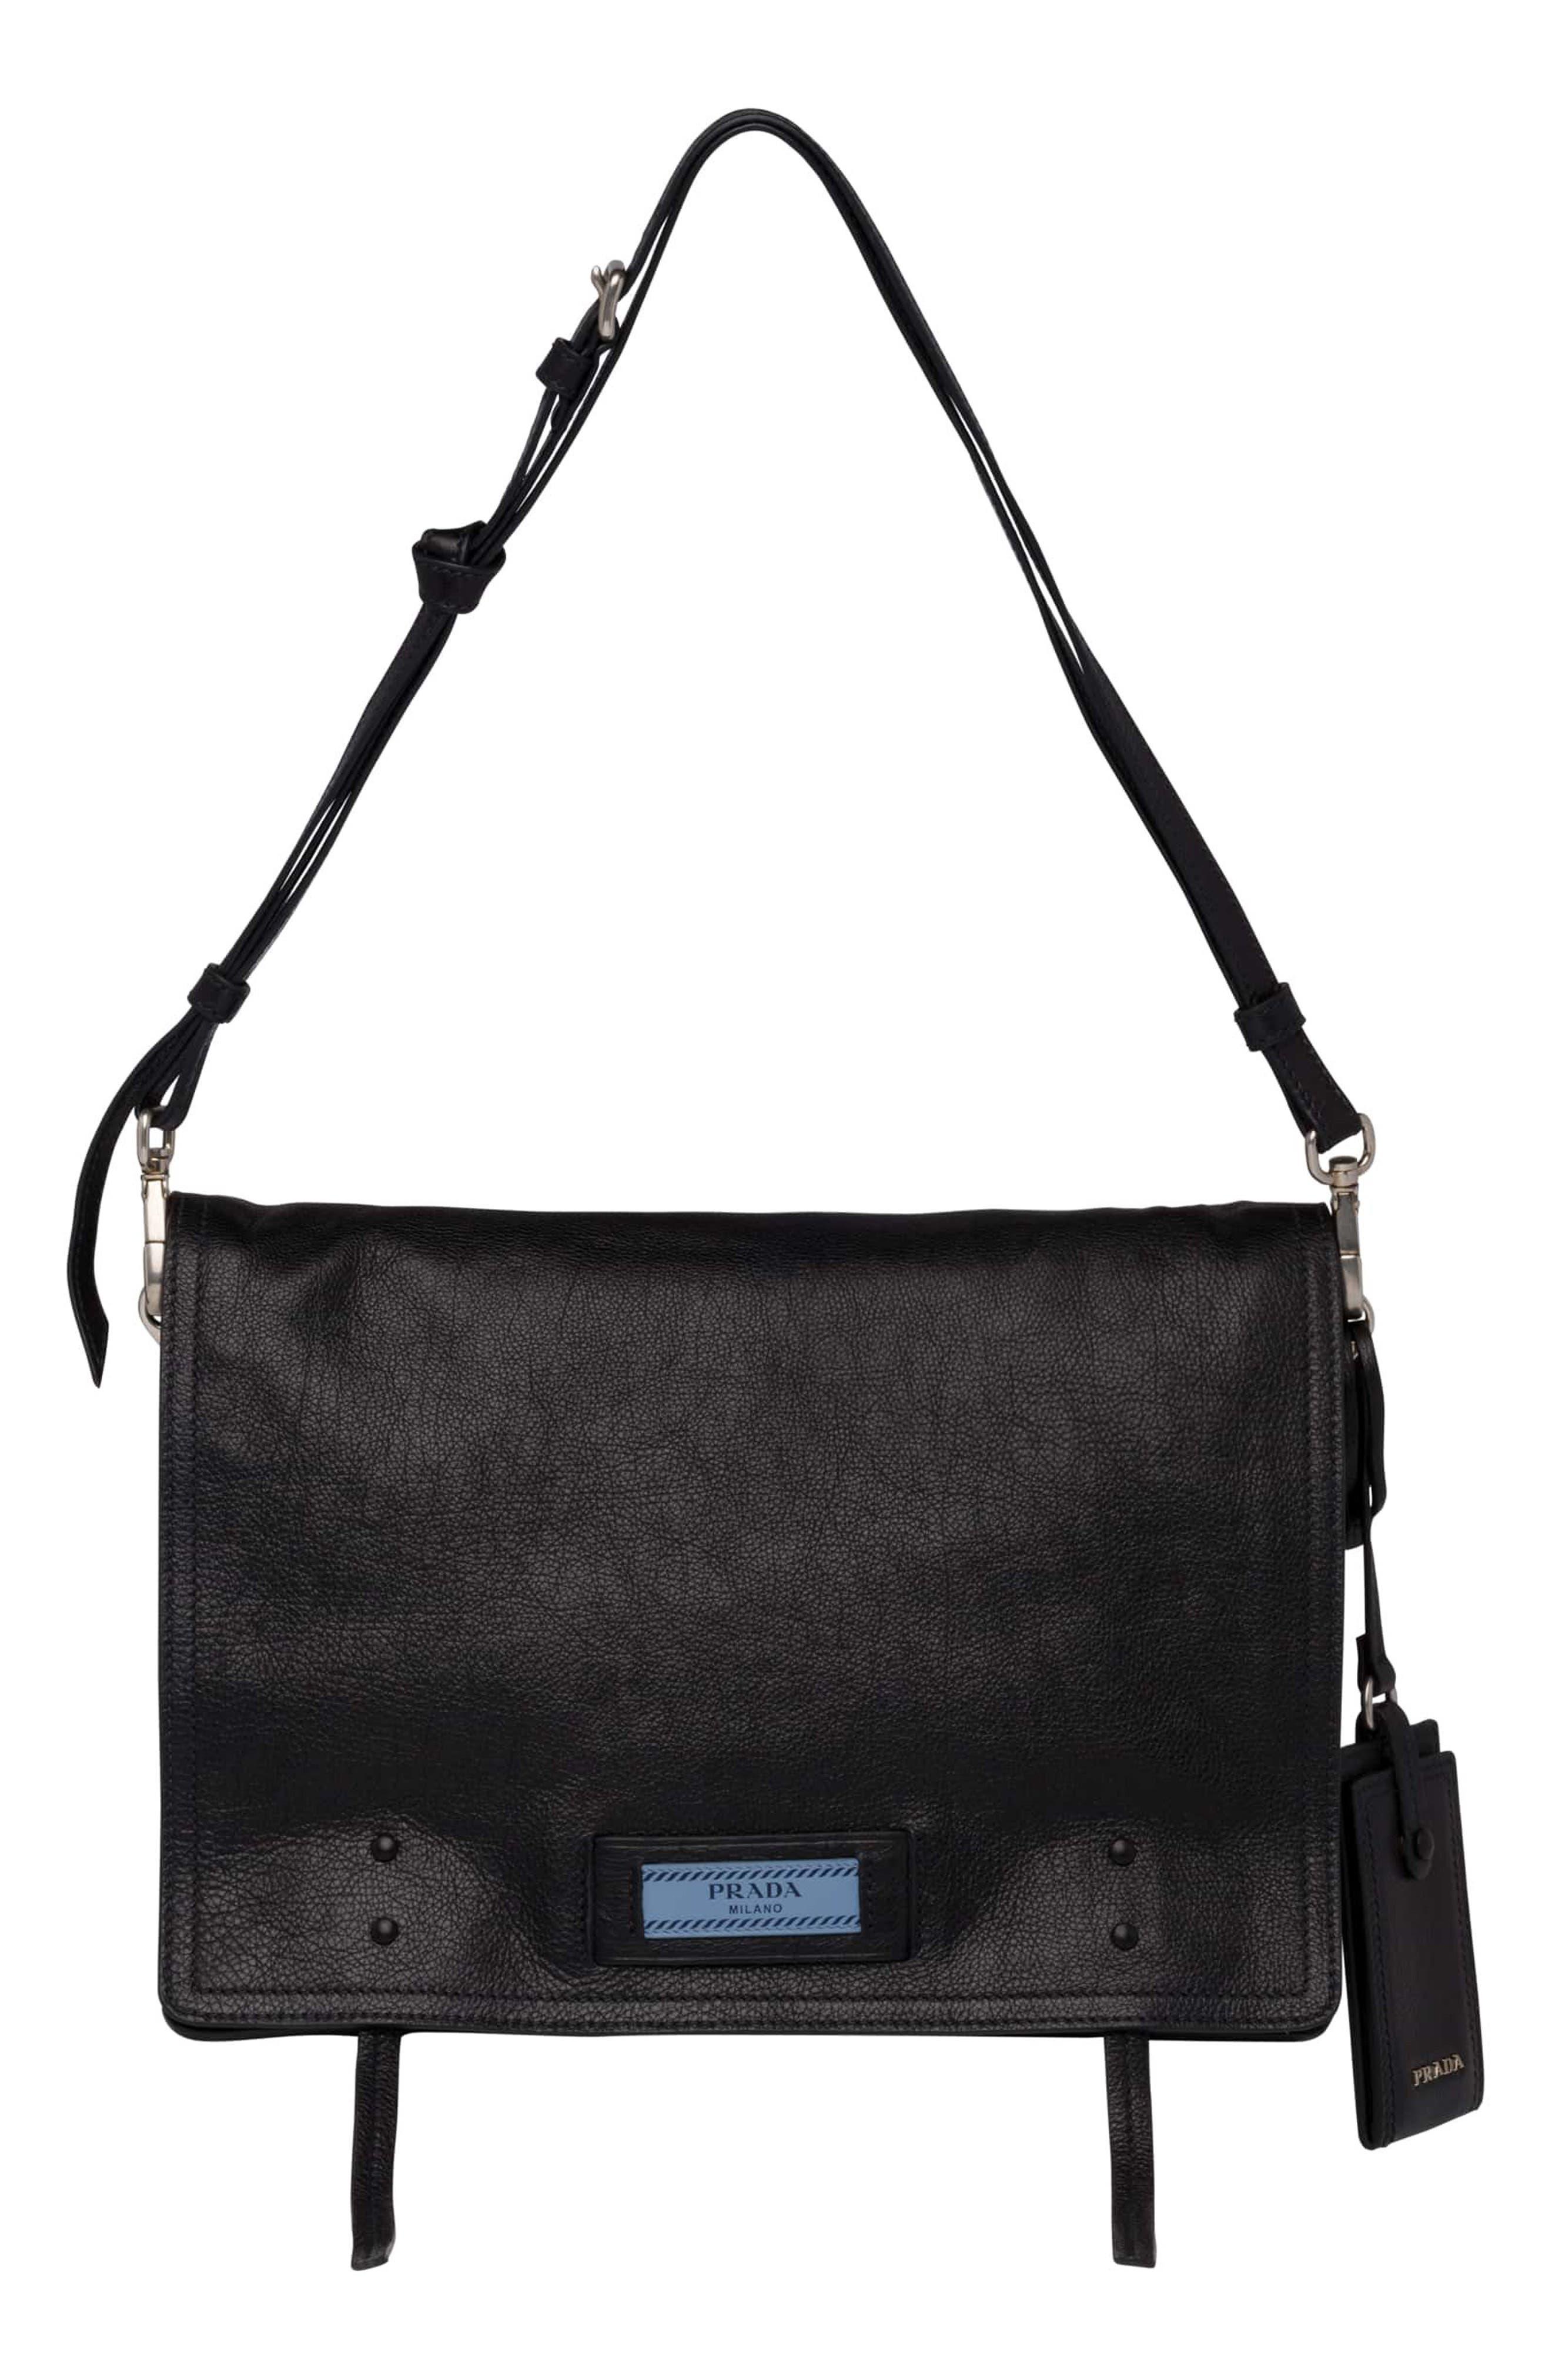 Main Image - Prada Cahier Glace Messenger Bag